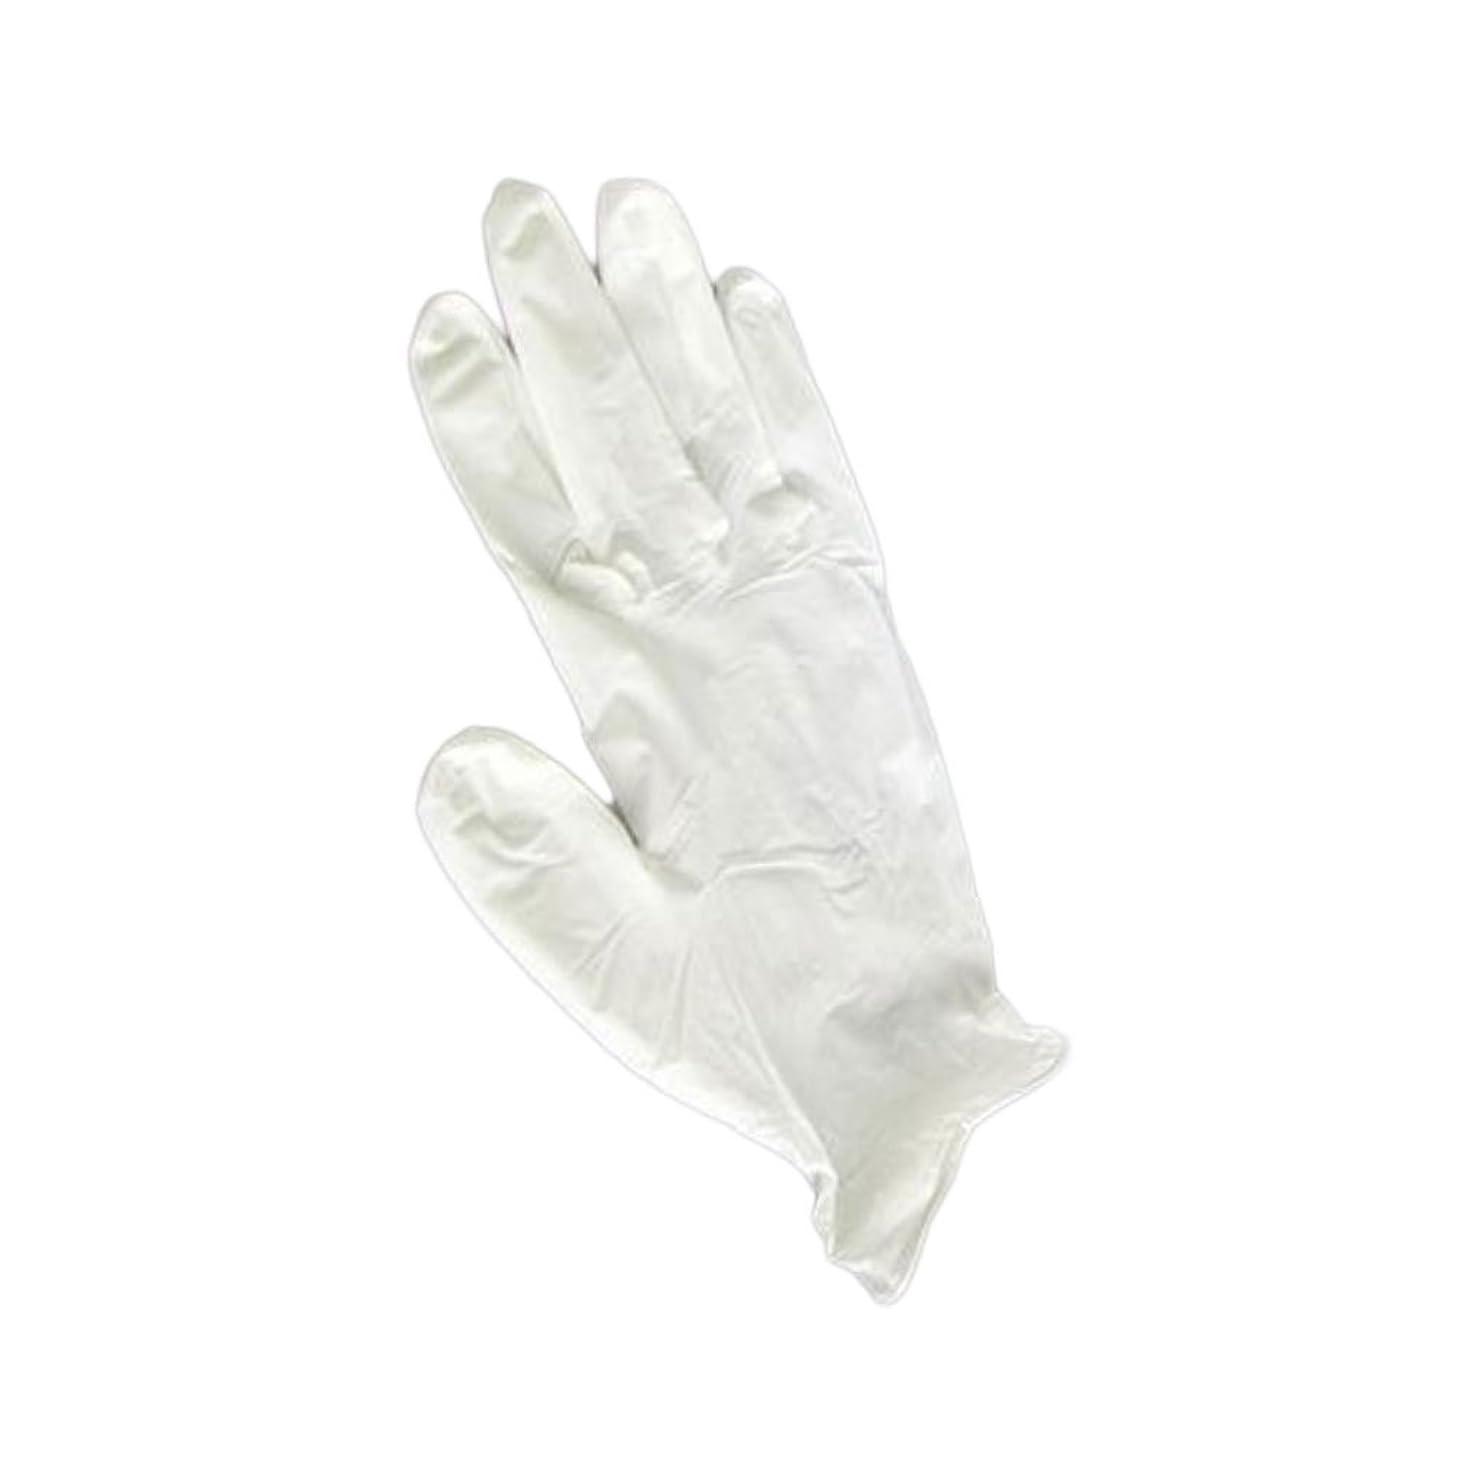 コンパイル踊り子日の出三高サプライ ニトリルグローブ(ゴム手袋) パウダーフリー BOXタイプ ダーマホワイト 100枚入り GN01 S